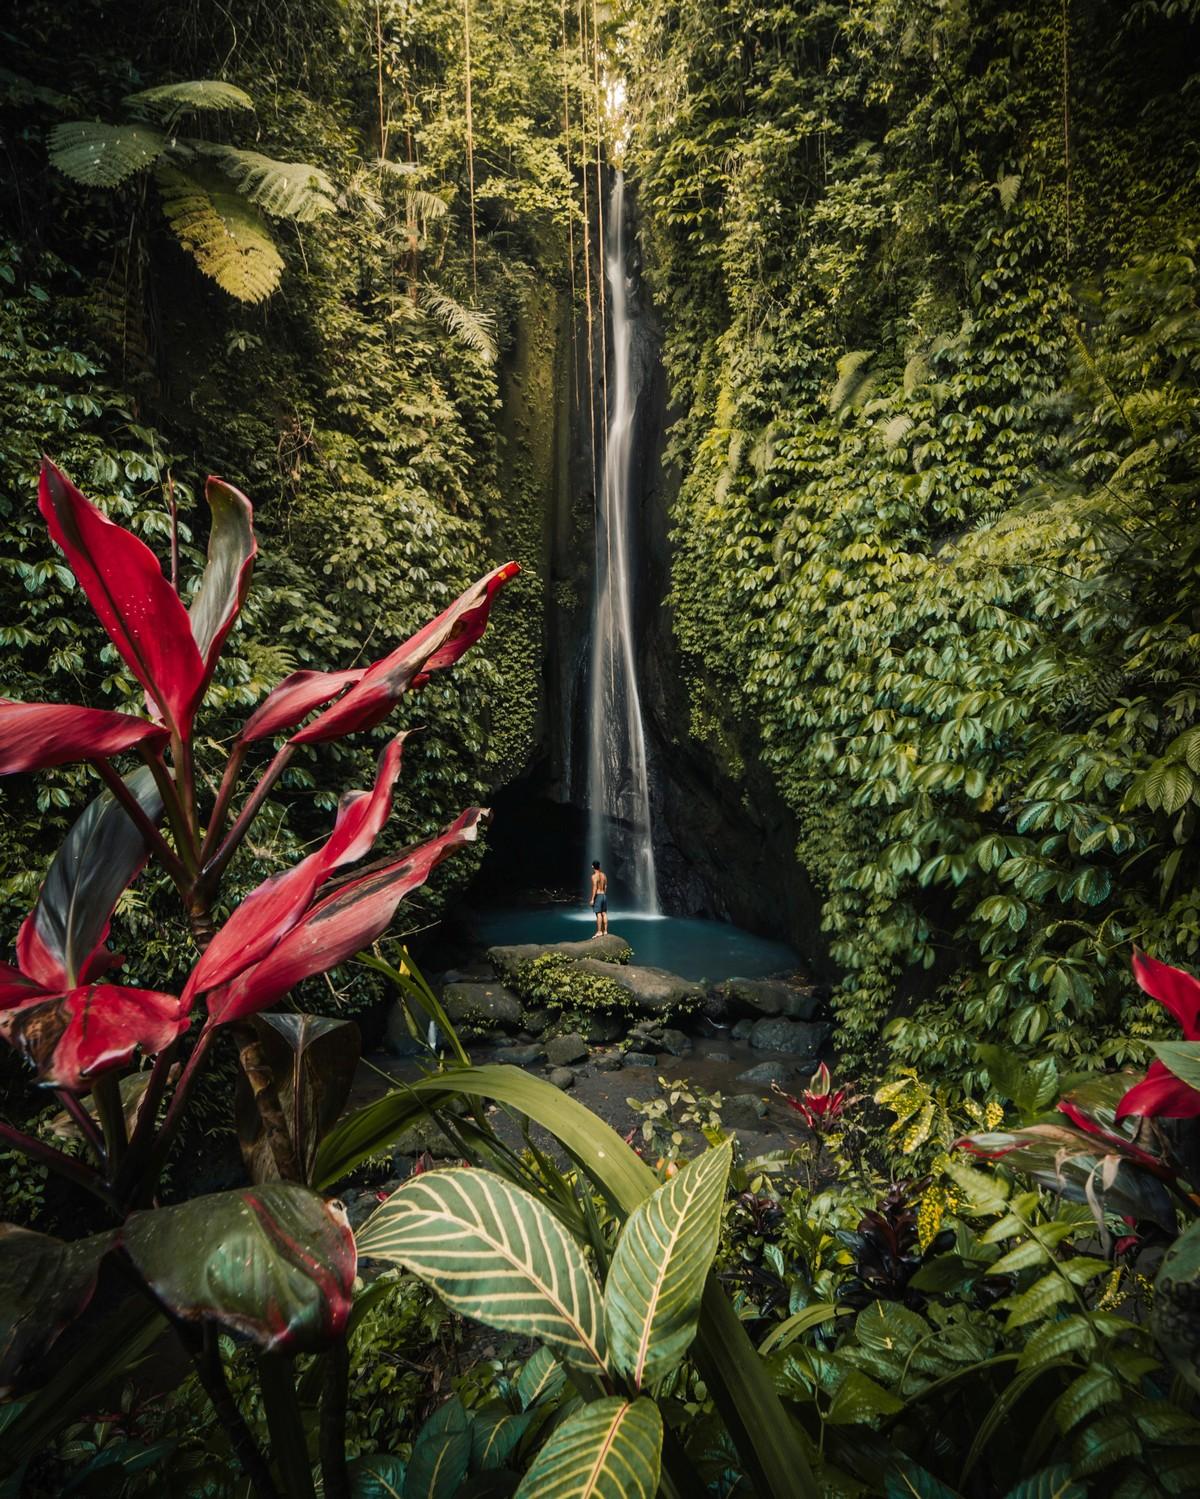 Красота природы на снимках конкурса #Nature2020